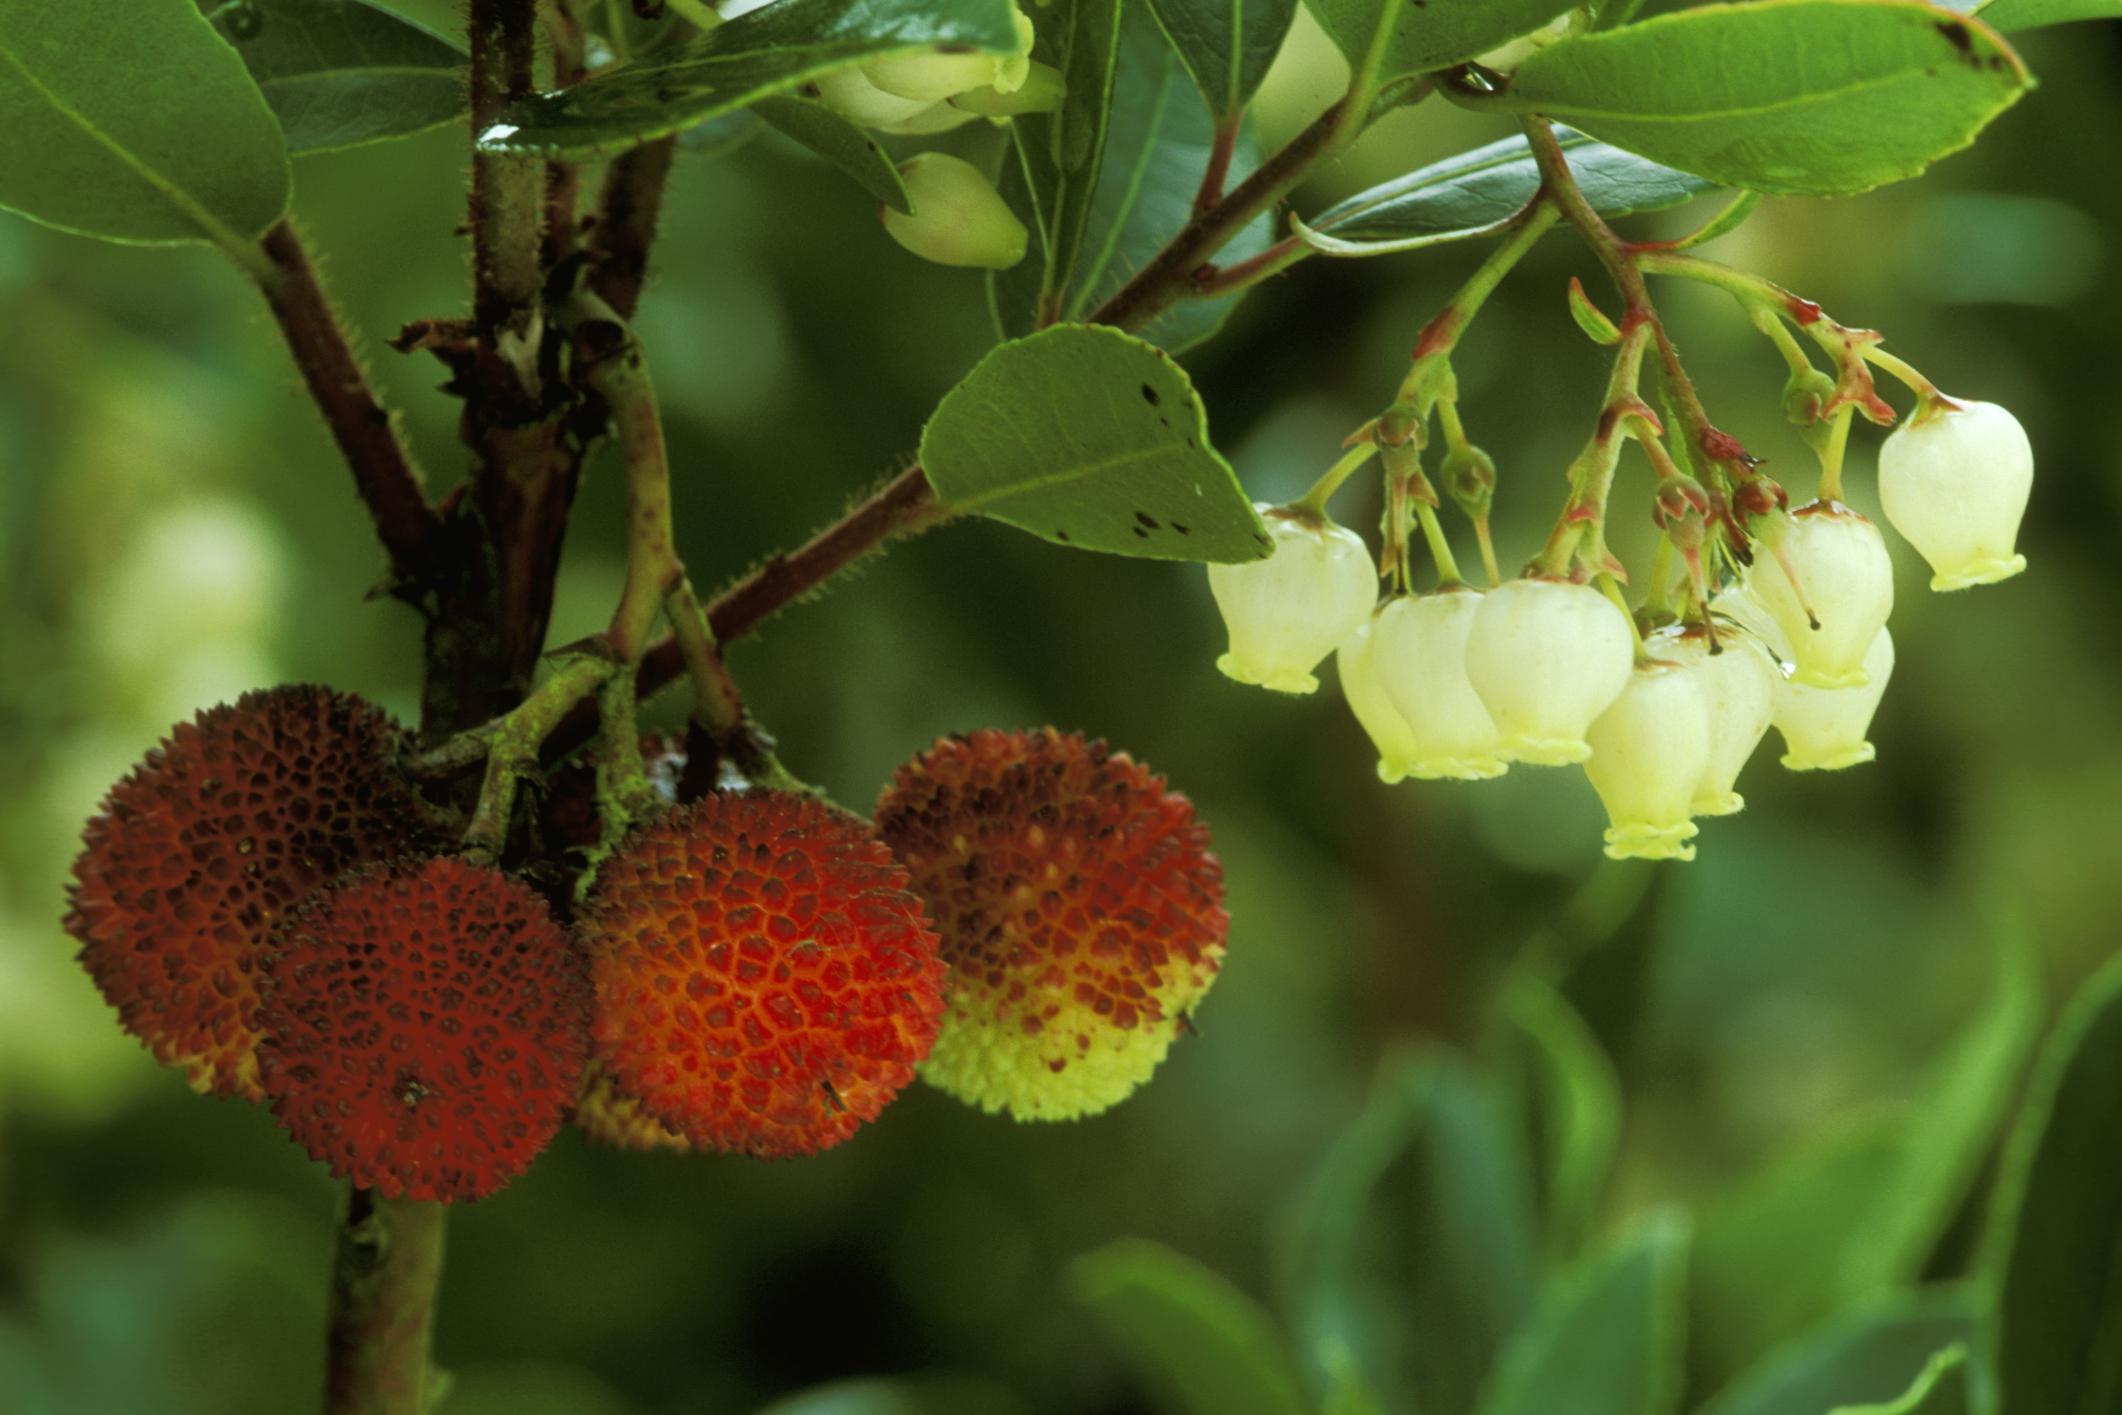 Growing The Strawberry Tree Arbutus Unedo